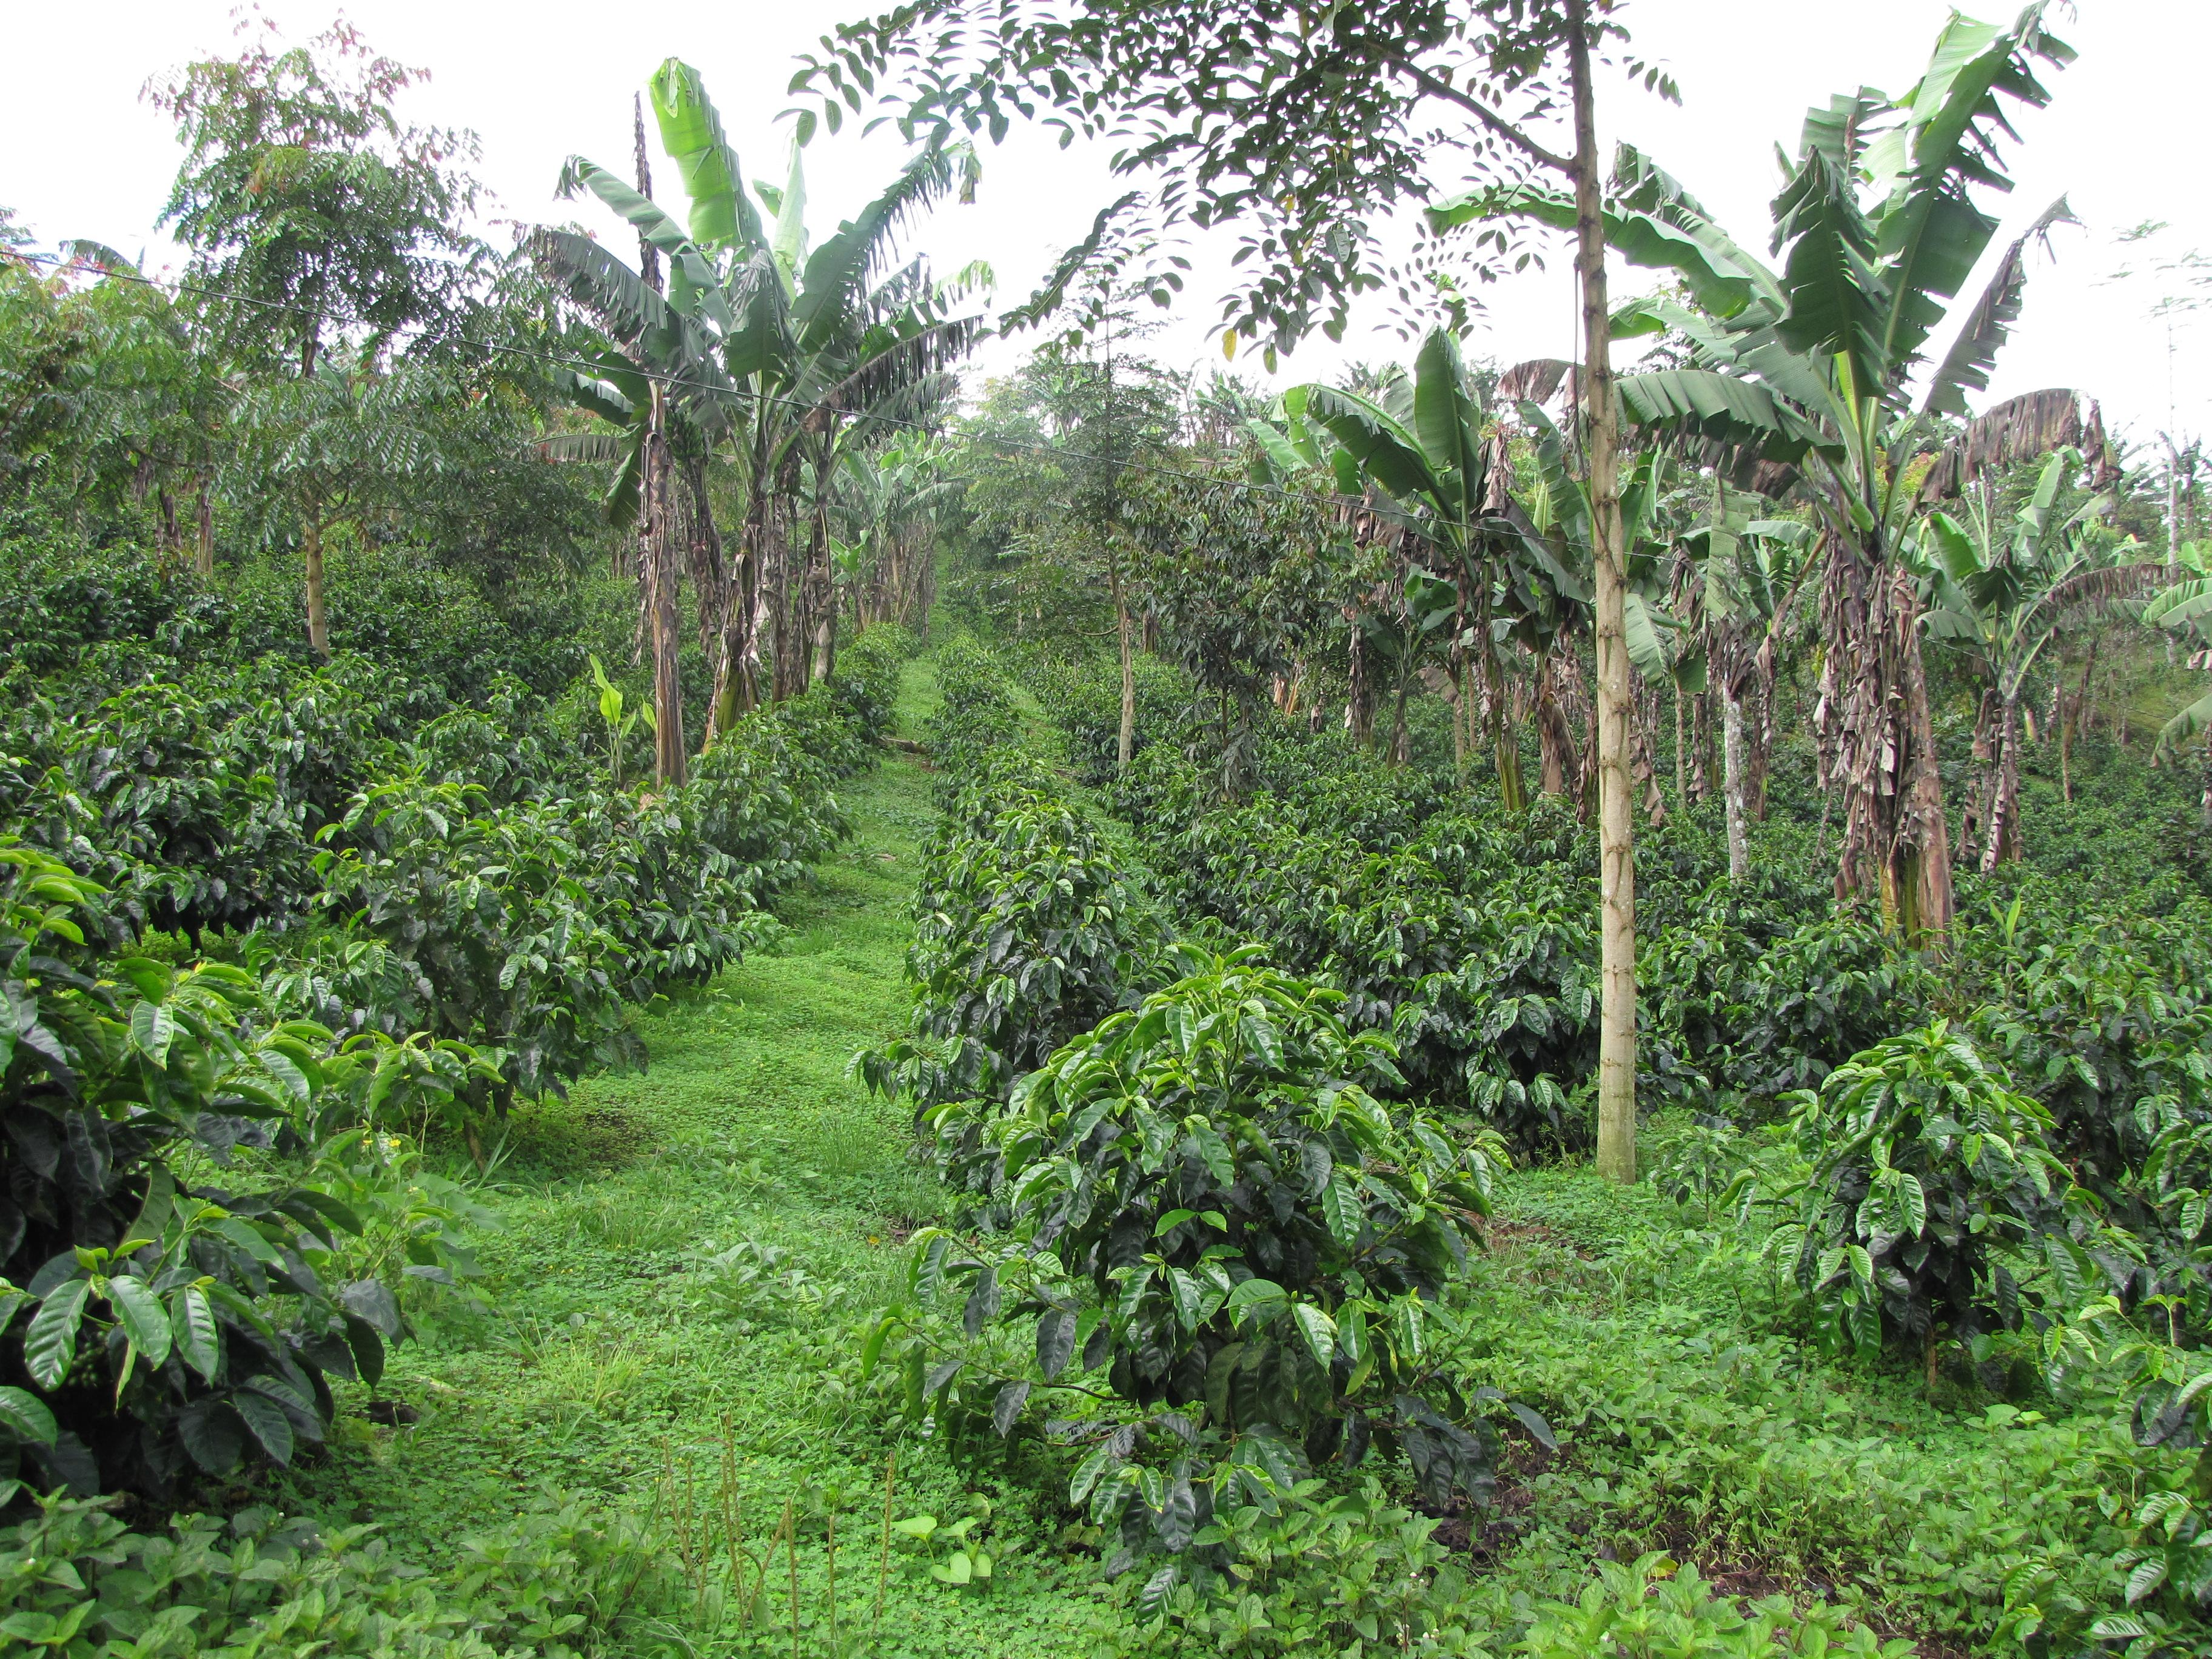 Vista de la plantación